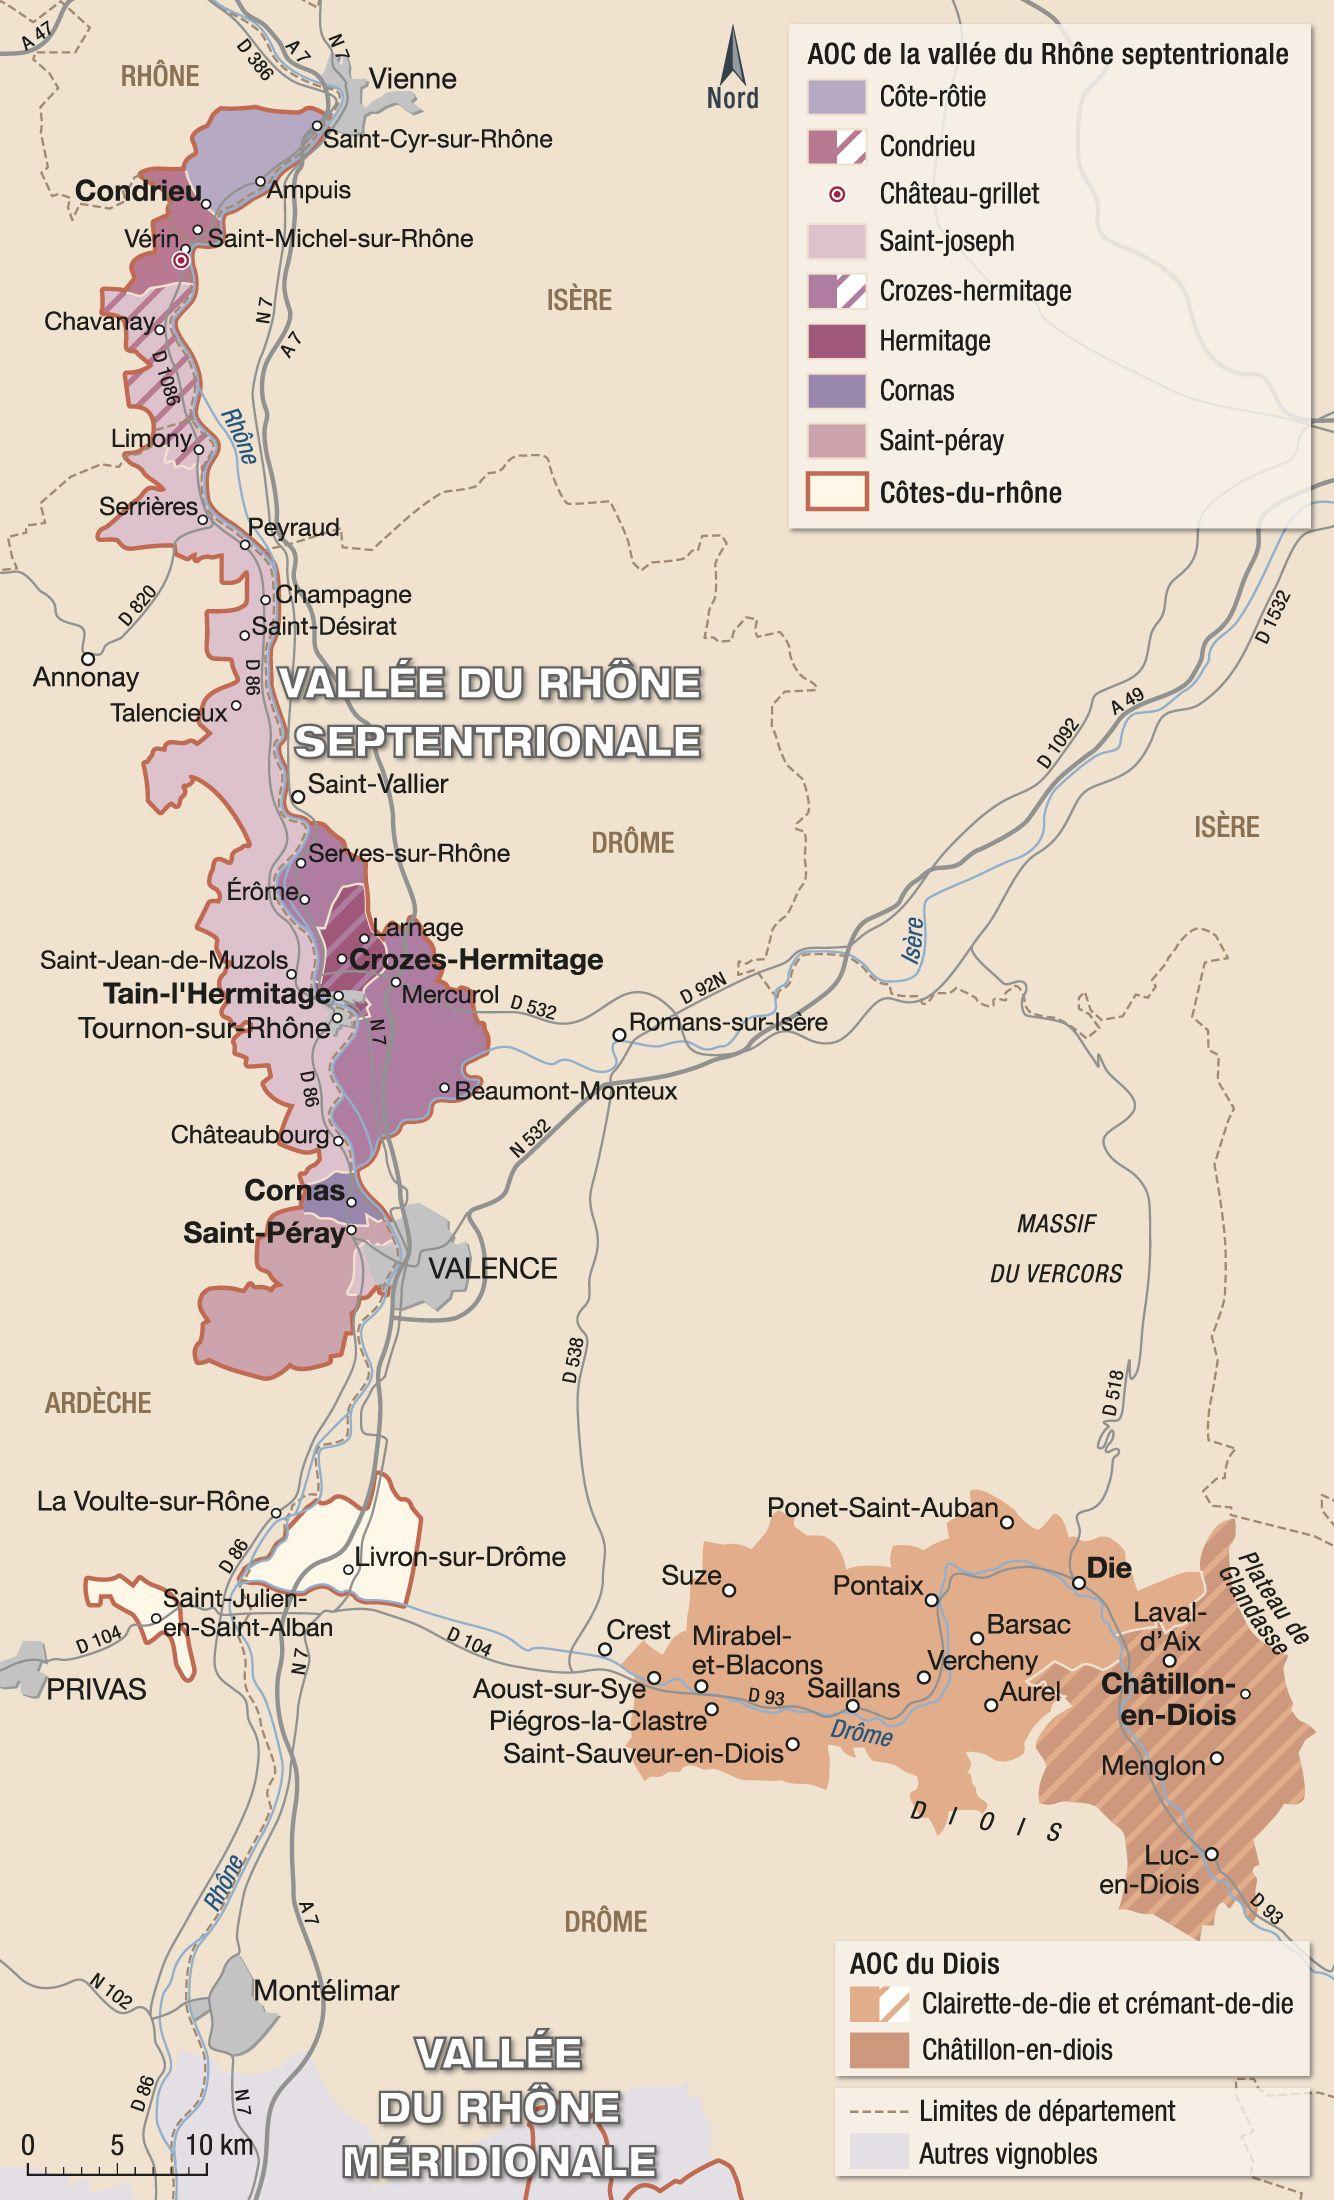 vallée du rhone carte Épinglé par nadine Carton sur boissons en 2020 | Vallée du rhone